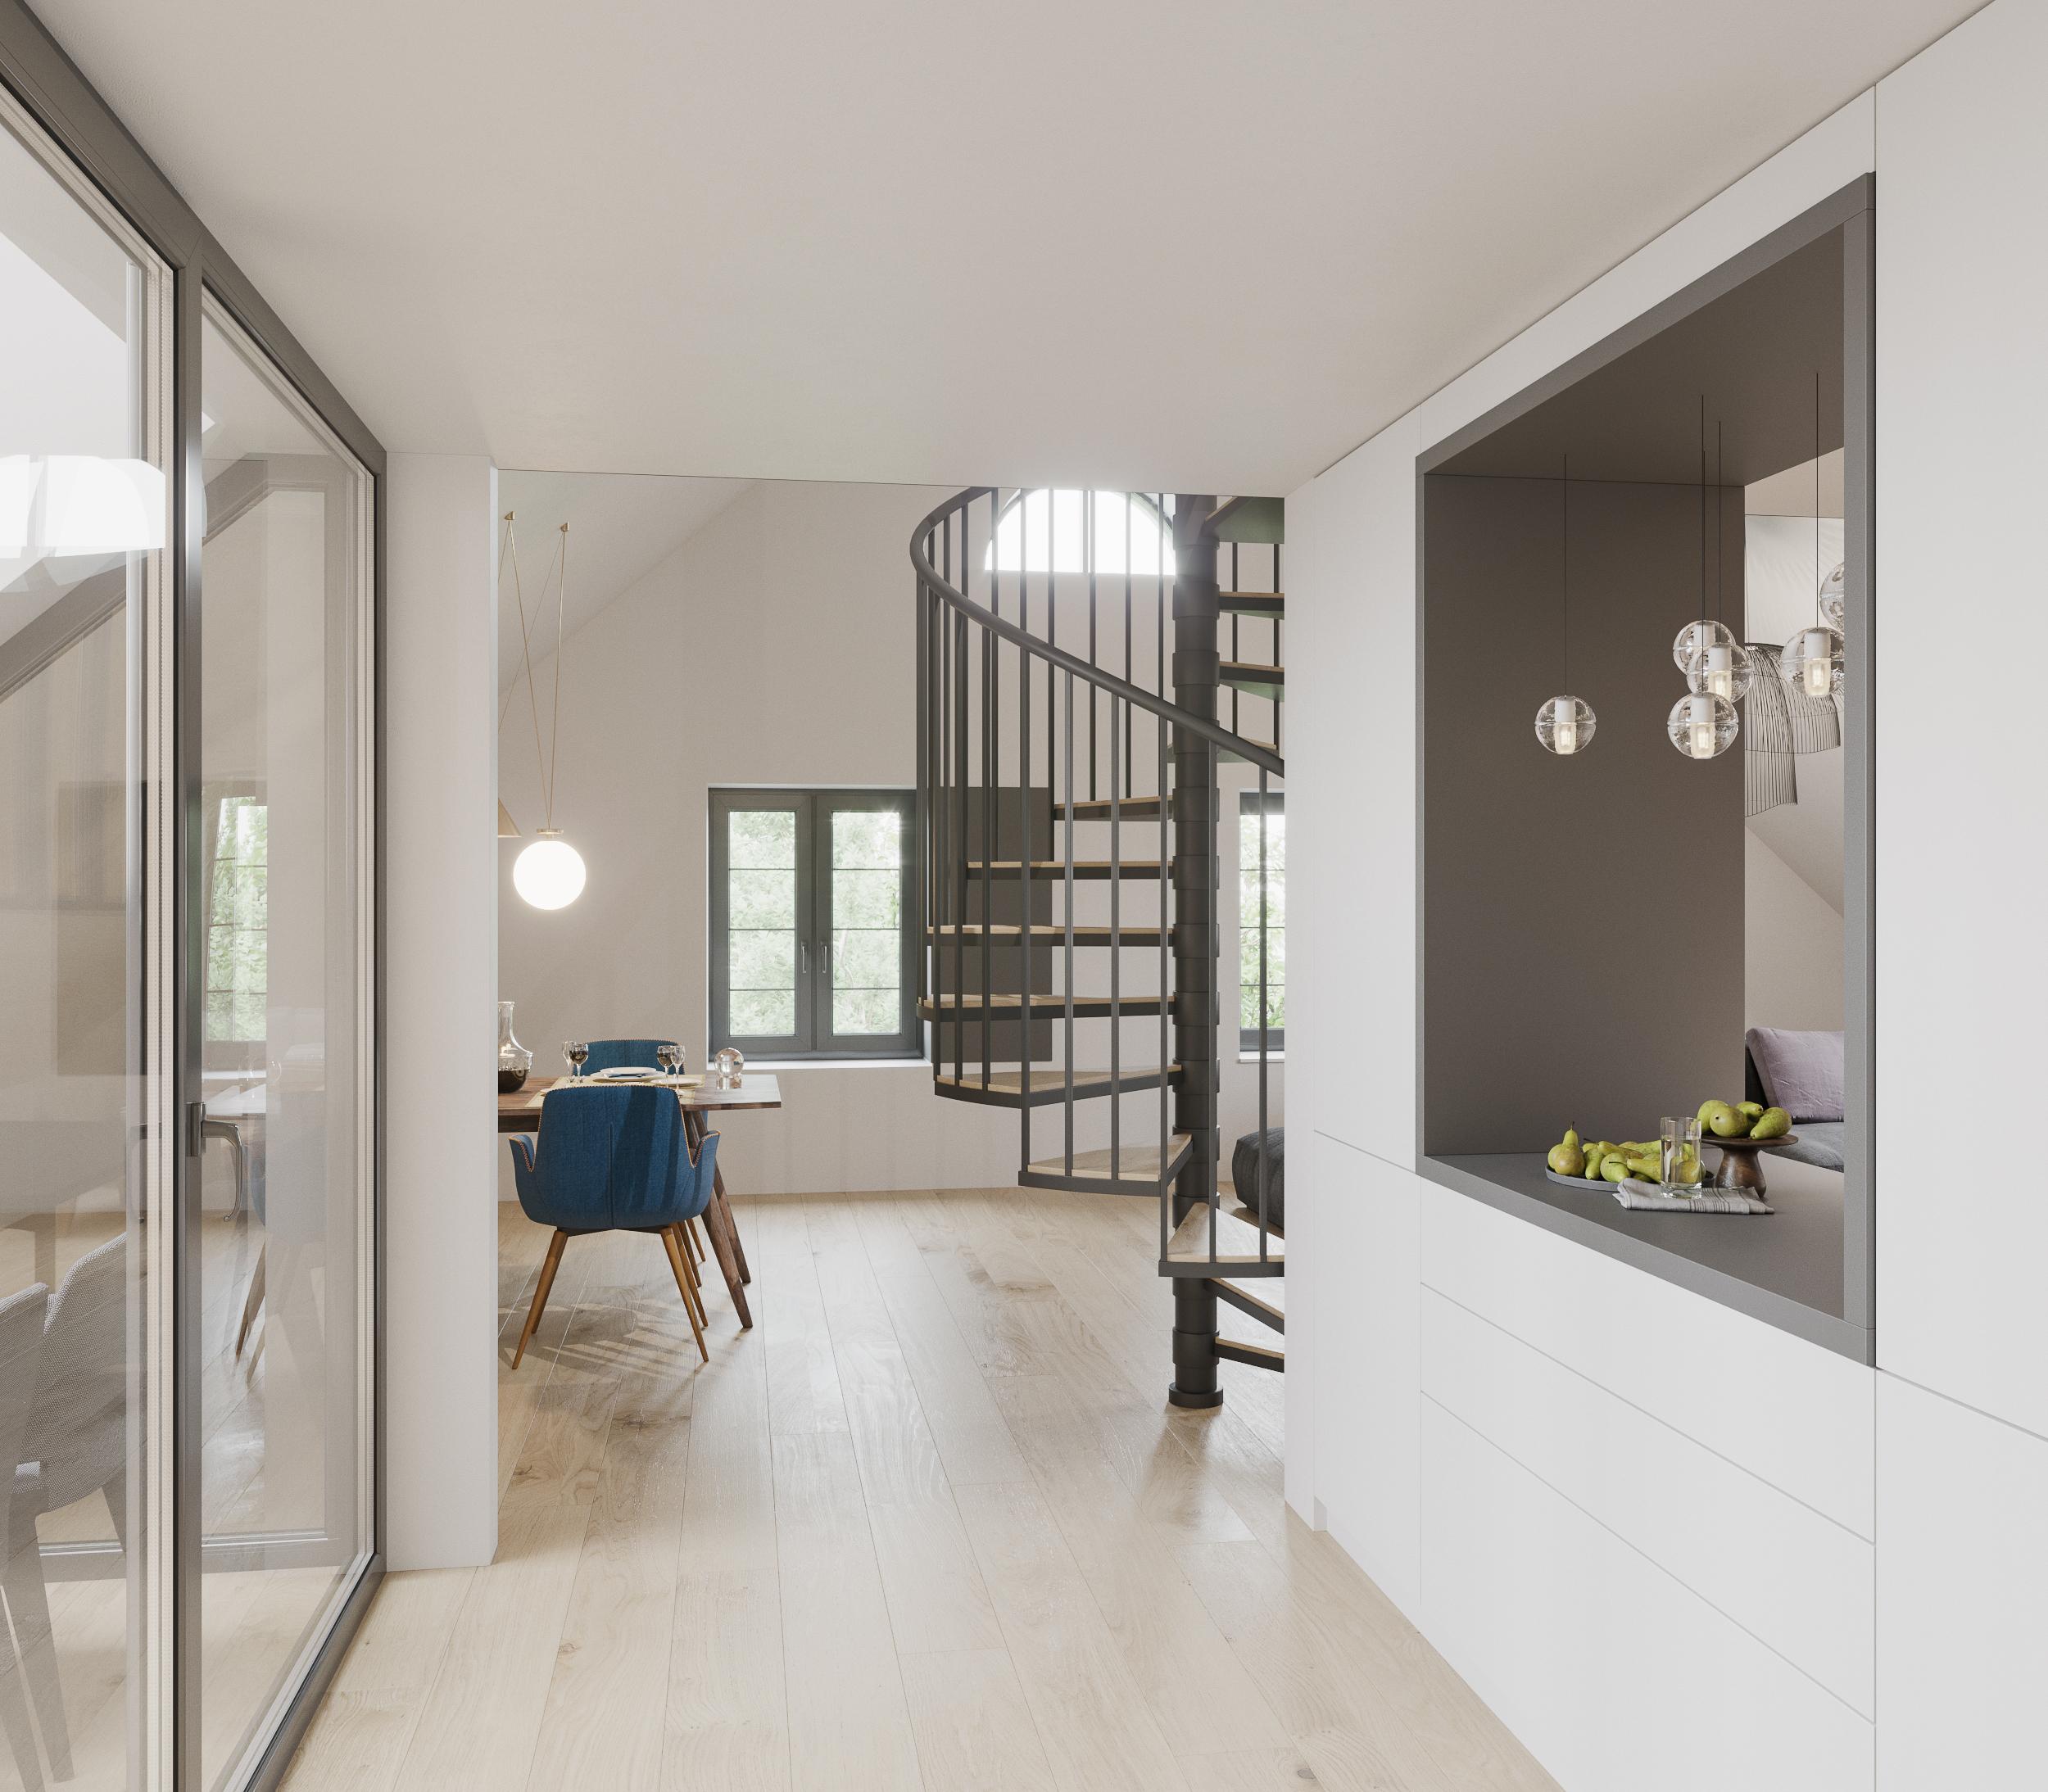 180705 Zurich Apartment interior 2 1 - 3.jpg